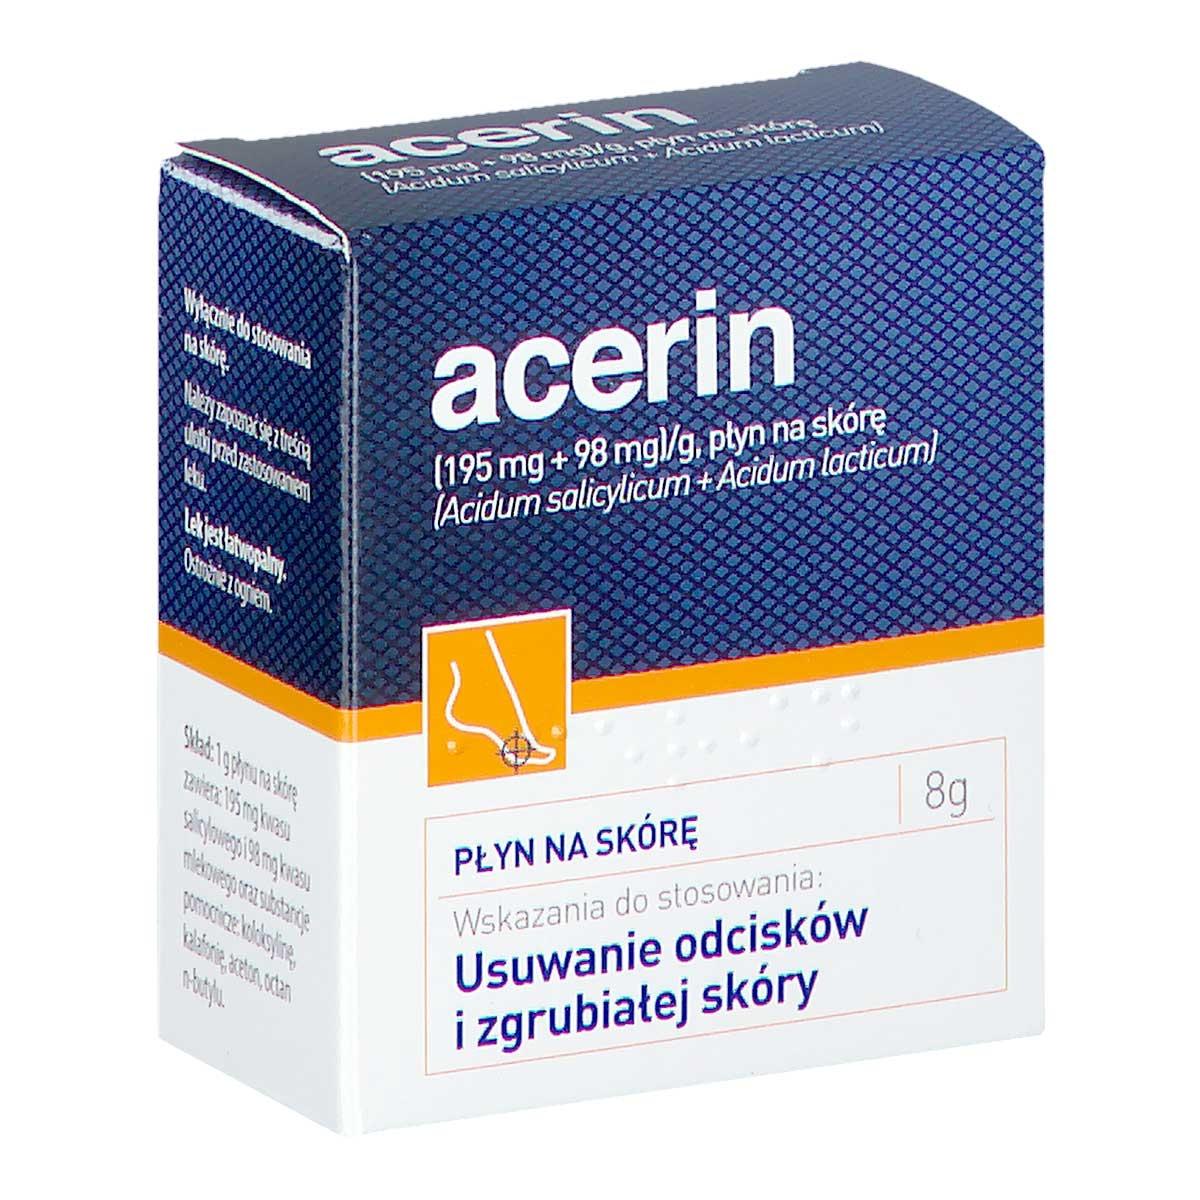 Image of Acerin płyn na skórę